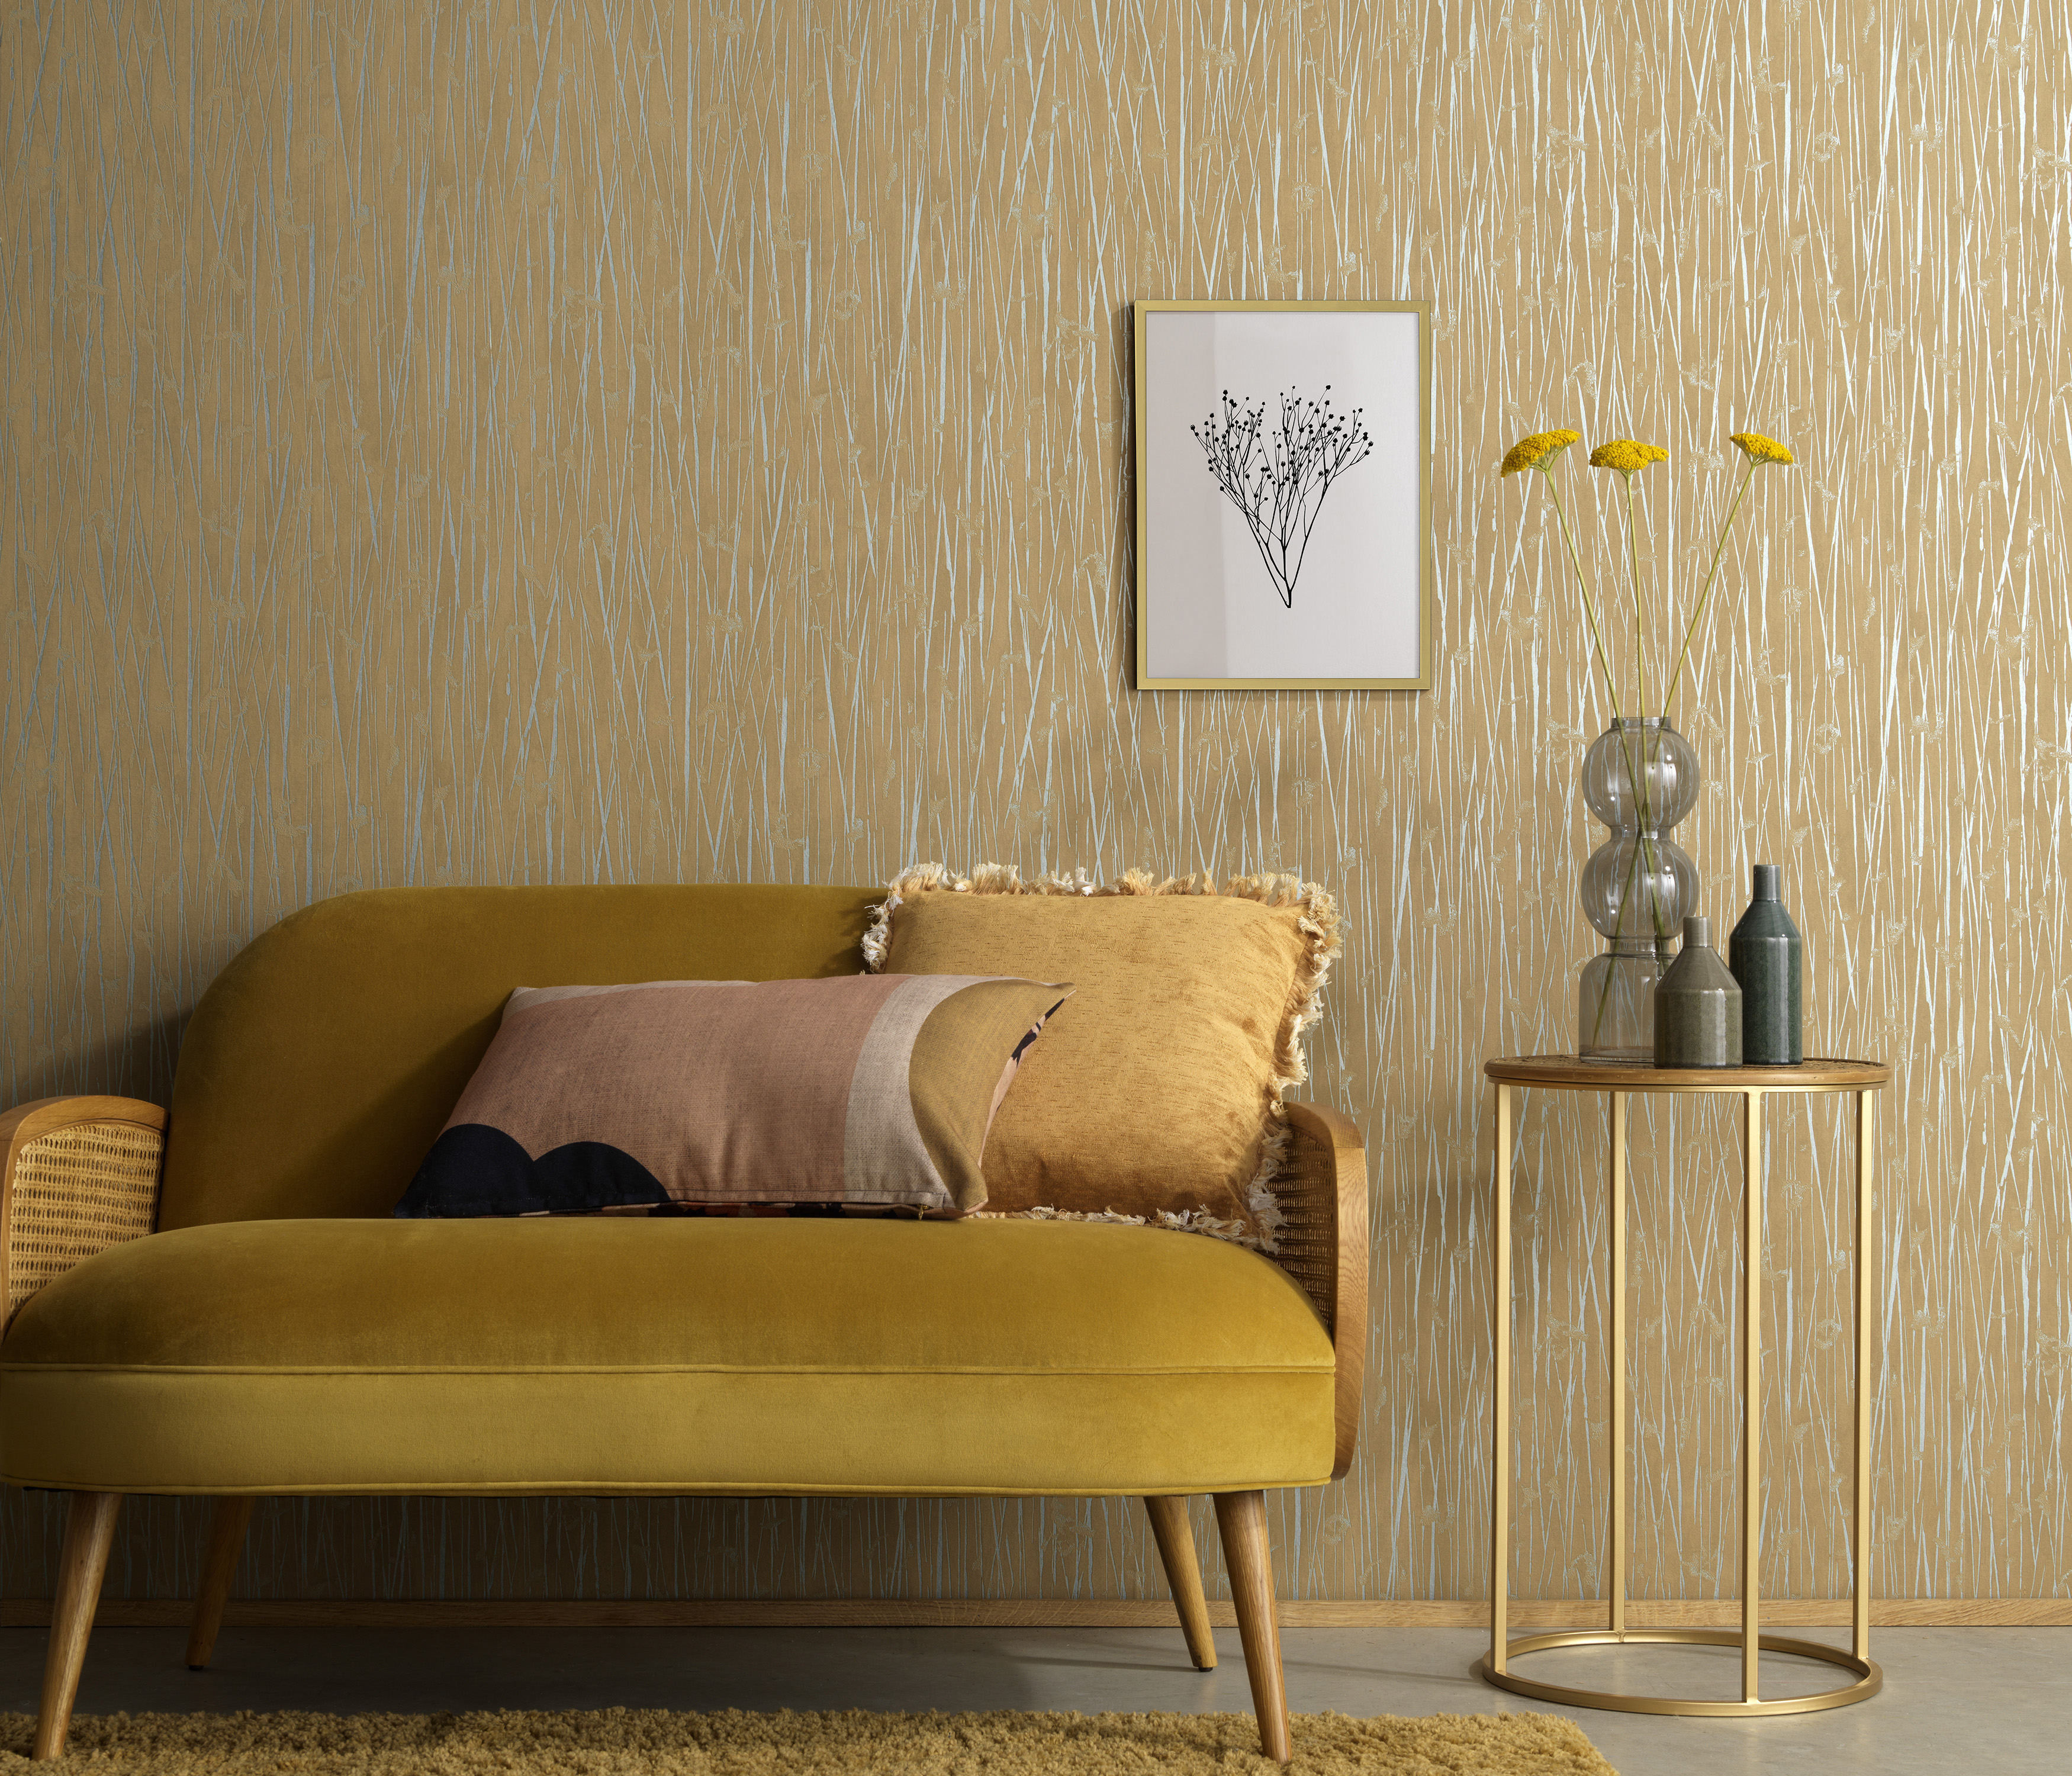 braune Vliestapete mit Grasmotiv, gemütliche Couch